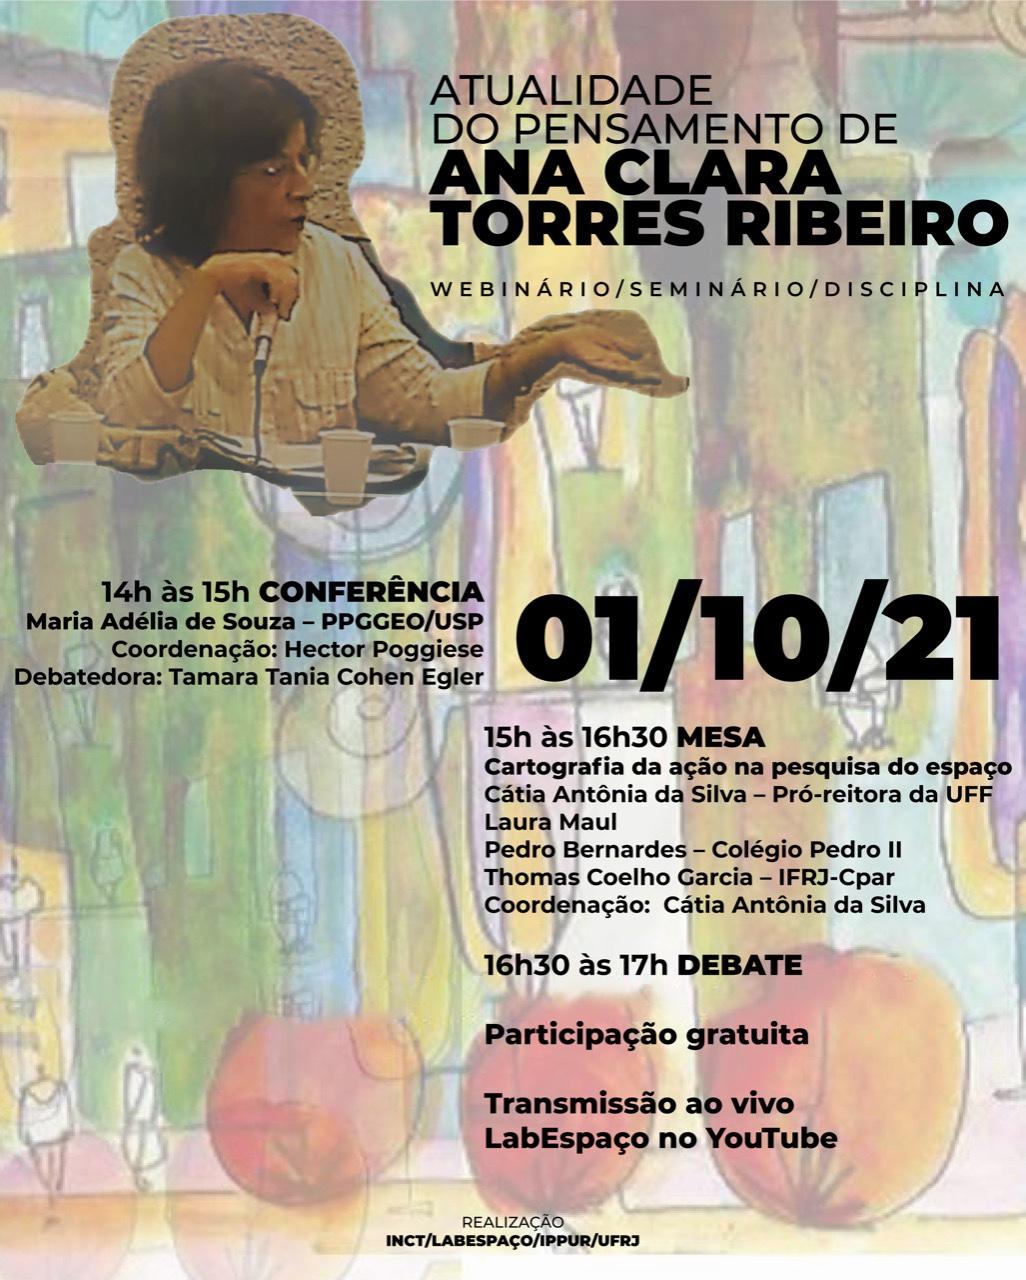 Atualidade do pensamento de Ana Clara TorresRibeiro